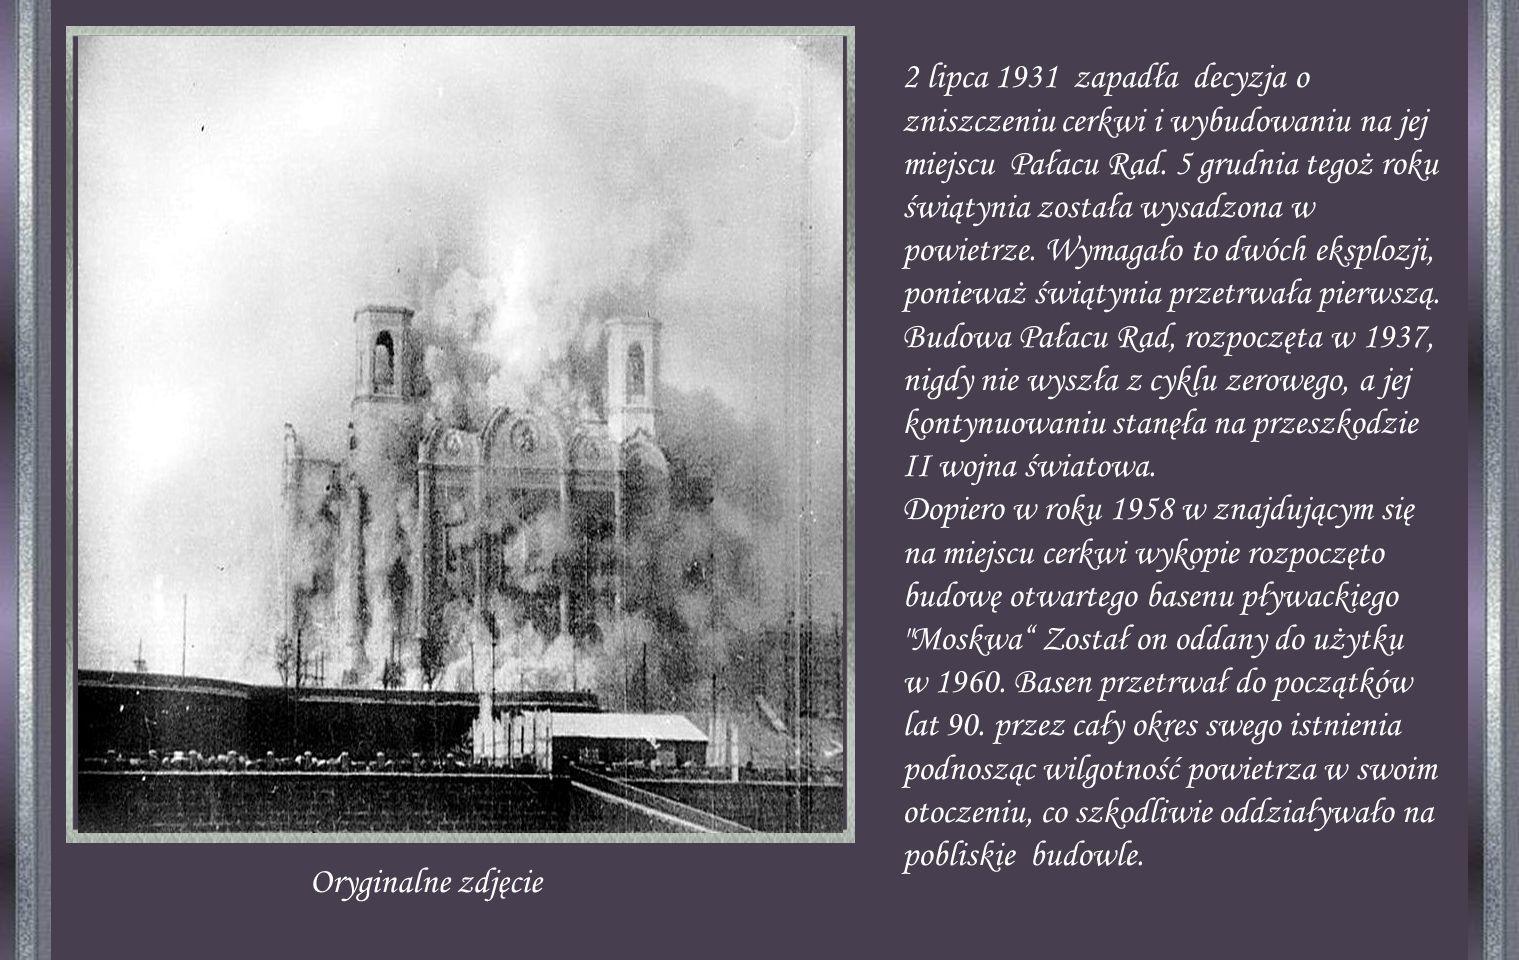 Prace budowlane rozpoczęte 10 września 1839 trwały 44 lata, a ich koszty osiągnęły poziom 15 milionów rubli, przy czym były to właściwie wyłącznie środki państwowe.